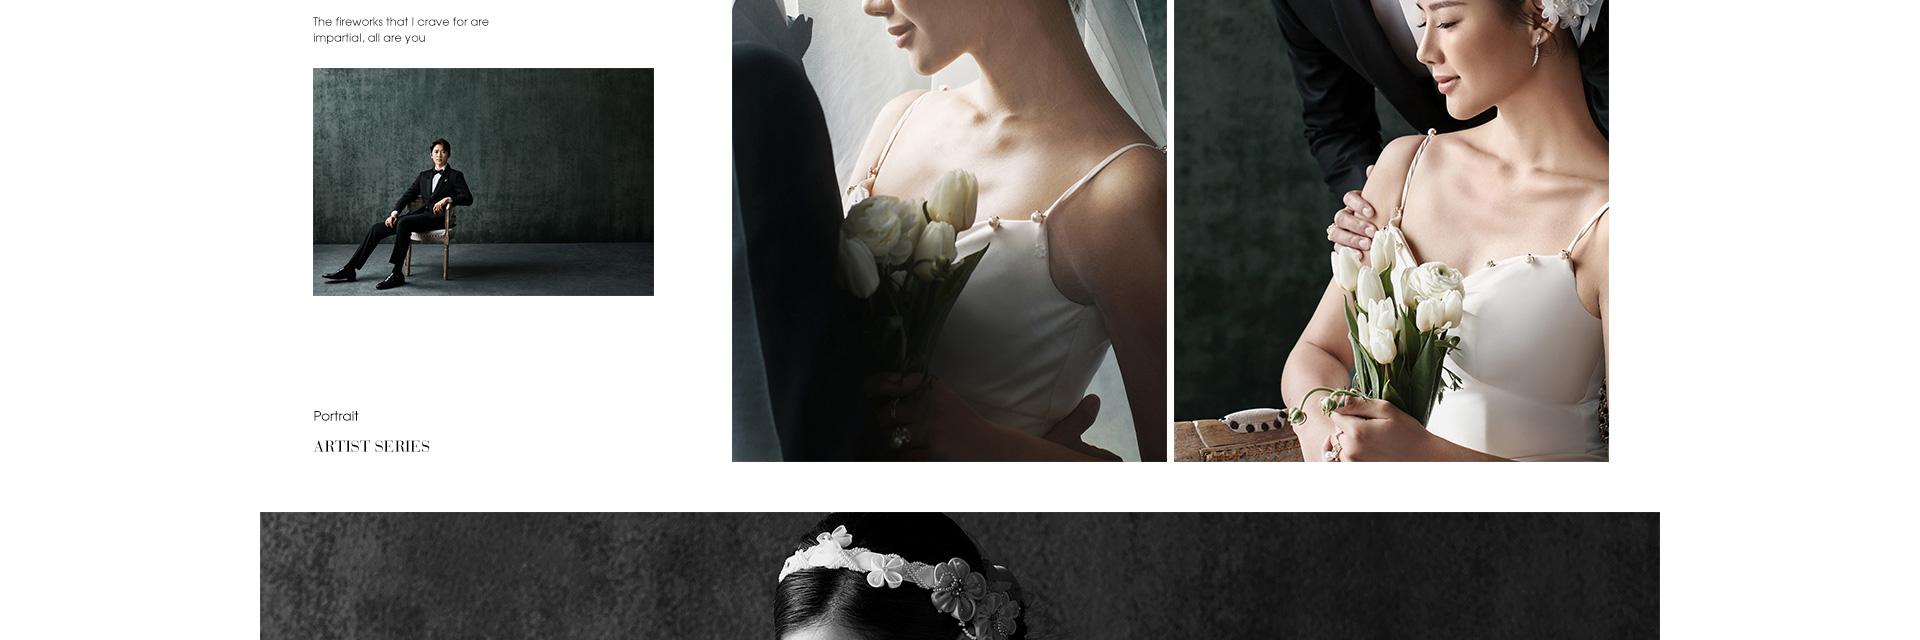 至臻人像婚纱照24.jpg